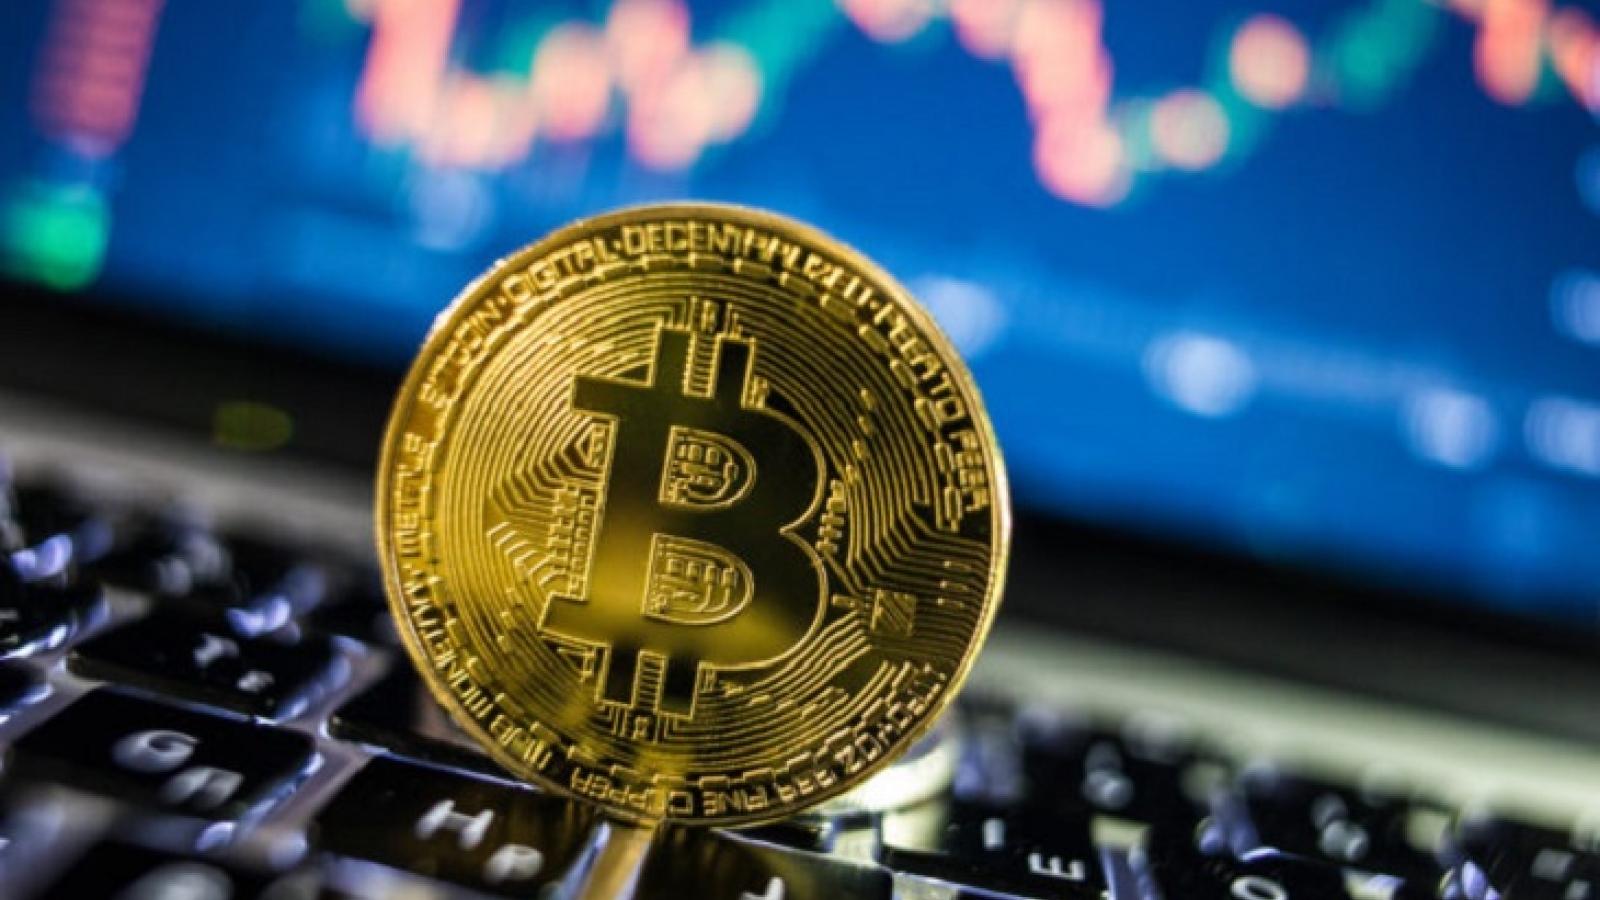 Trung Quốc đang nghiên cứu cách quản lý đồng Bitcoin và Stablecoin